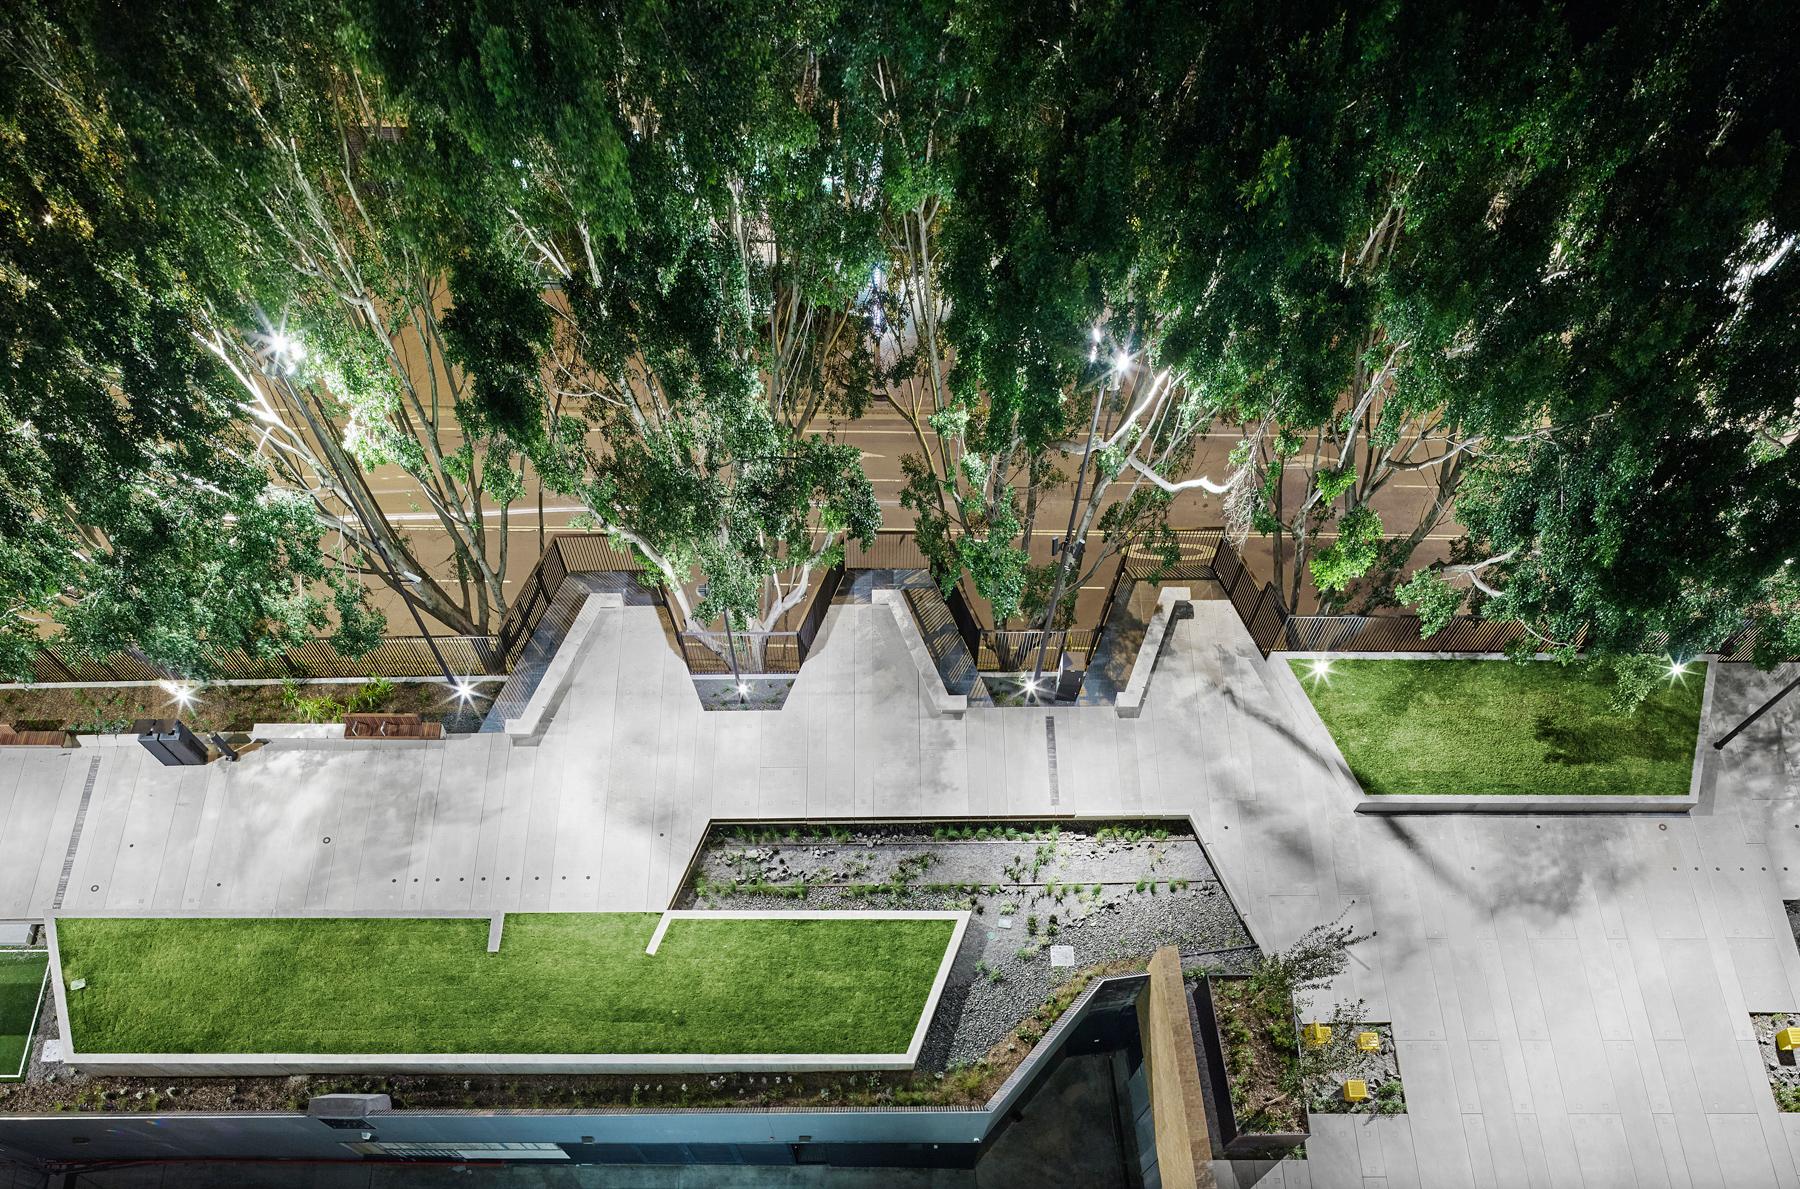 Vista desde arriba de un sendero pavimentado rodeado de árboles y verdor (ASPECT Studios/Florian Groehn)